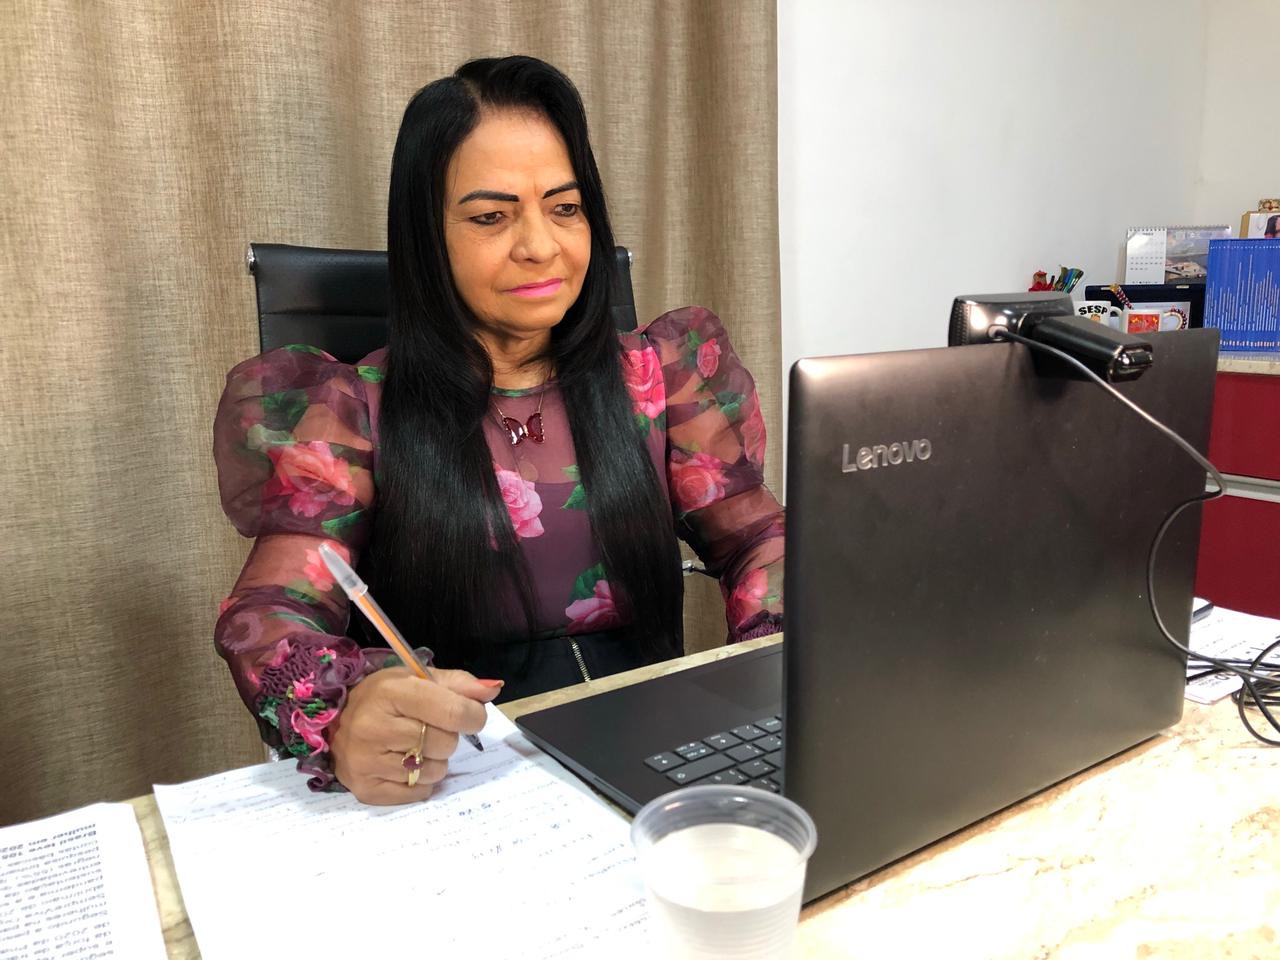 Eleita vice-presidenta para políticas de gênero, Moema Gramacho destaca a FNP como mais um espaço de luta